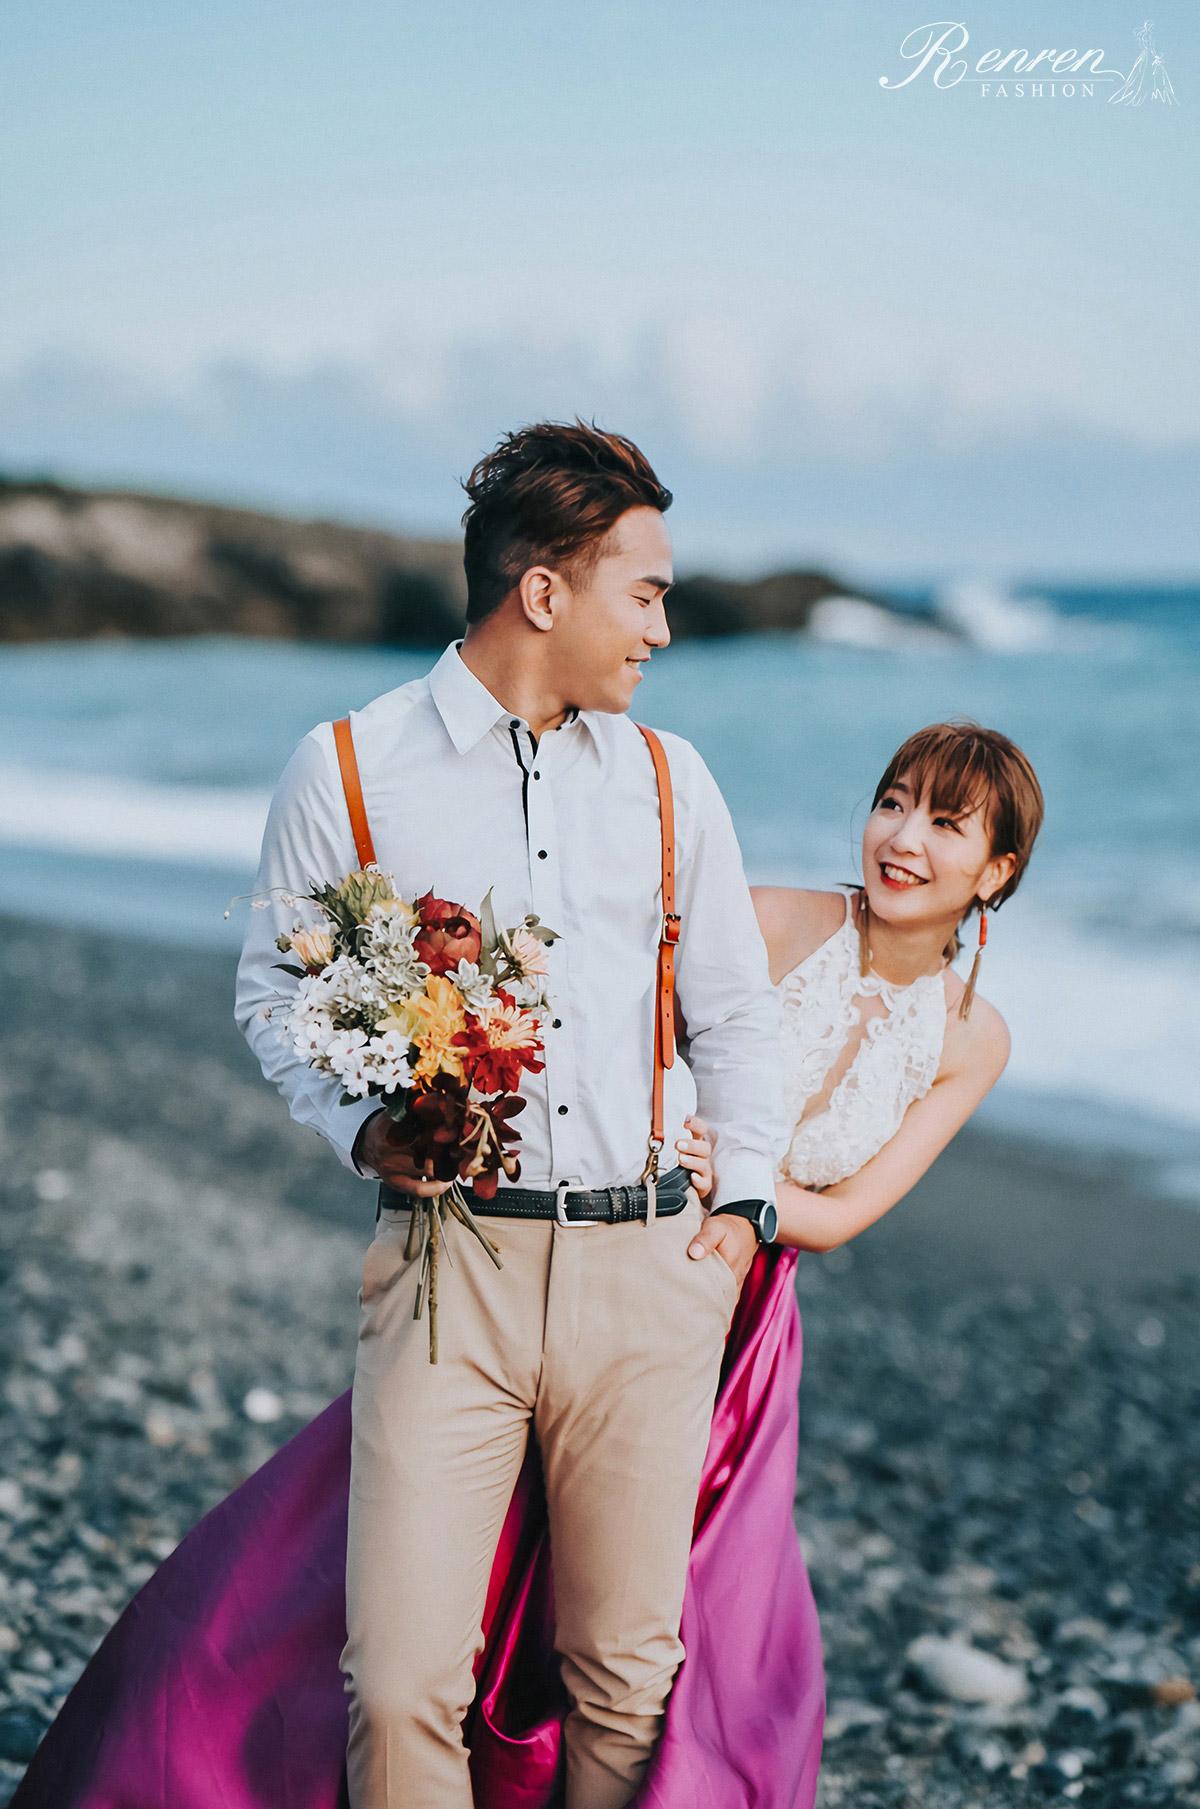 RenRen-冉冉婚紗-蘭嶼-婚紗-新娘物語雜誌-用愛看見台灣-13